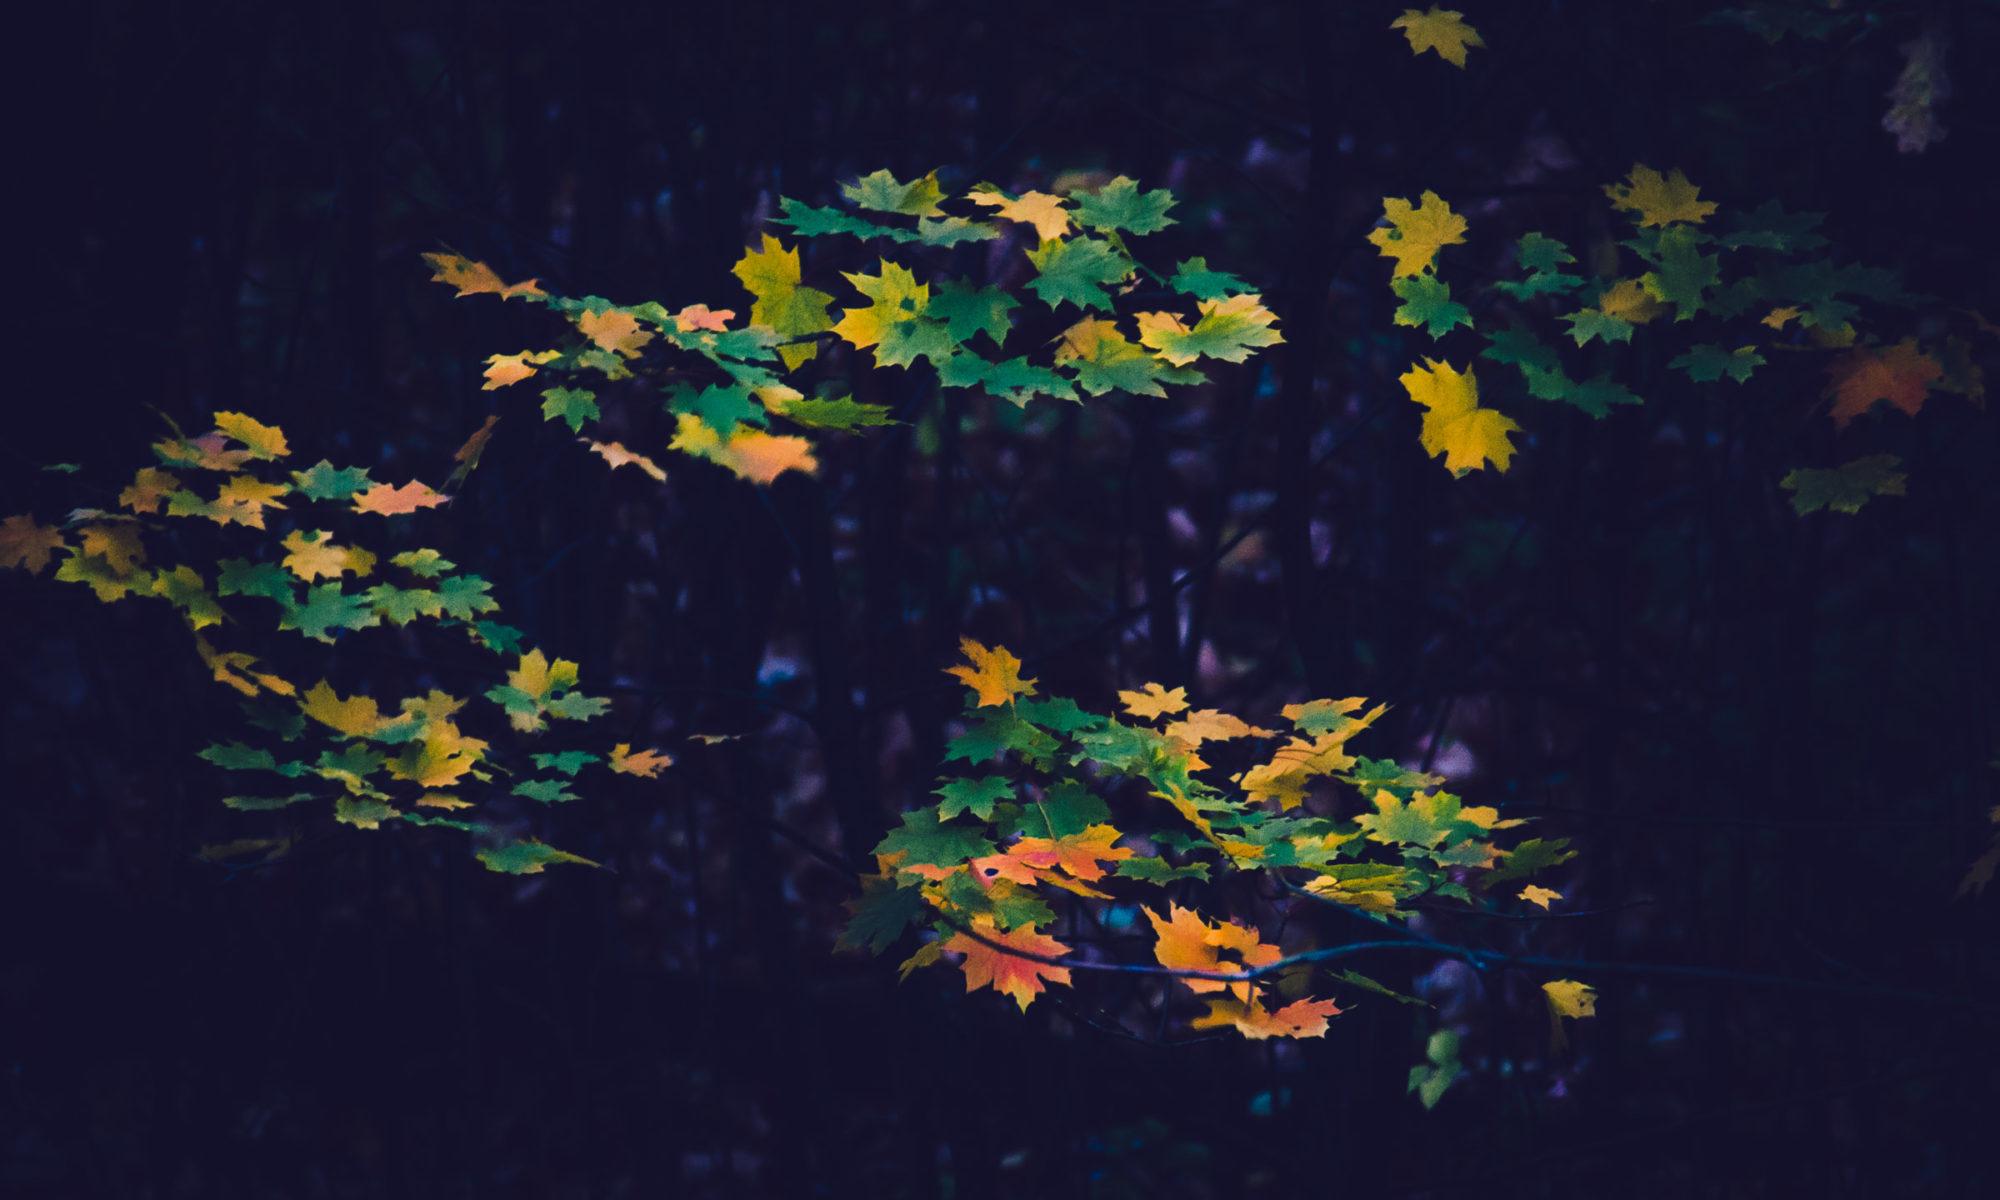 Листья клёна в сумерках